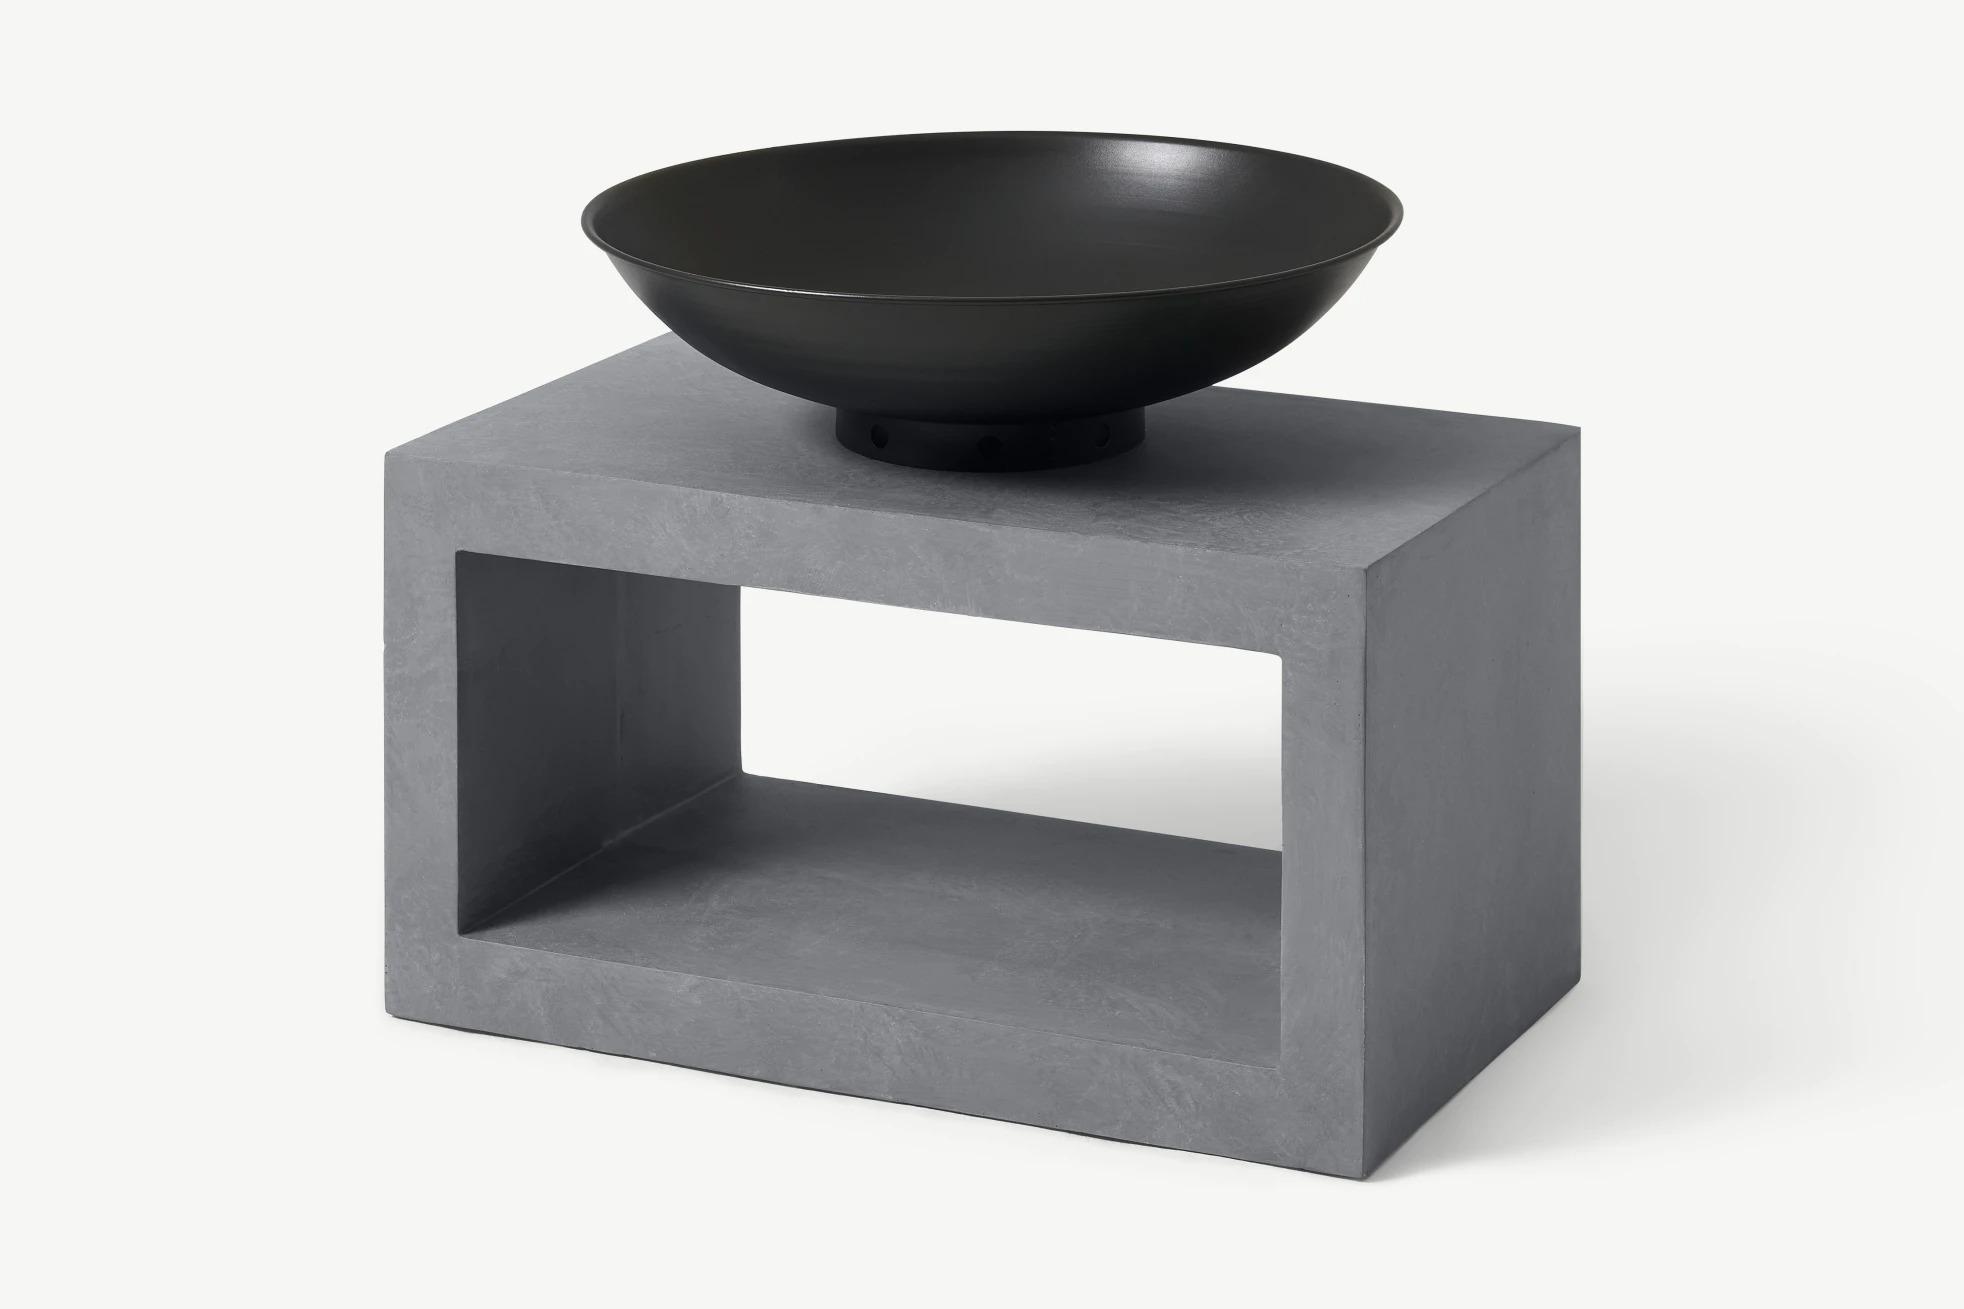 Brasero con base rectangular para exterior, negro y cemento